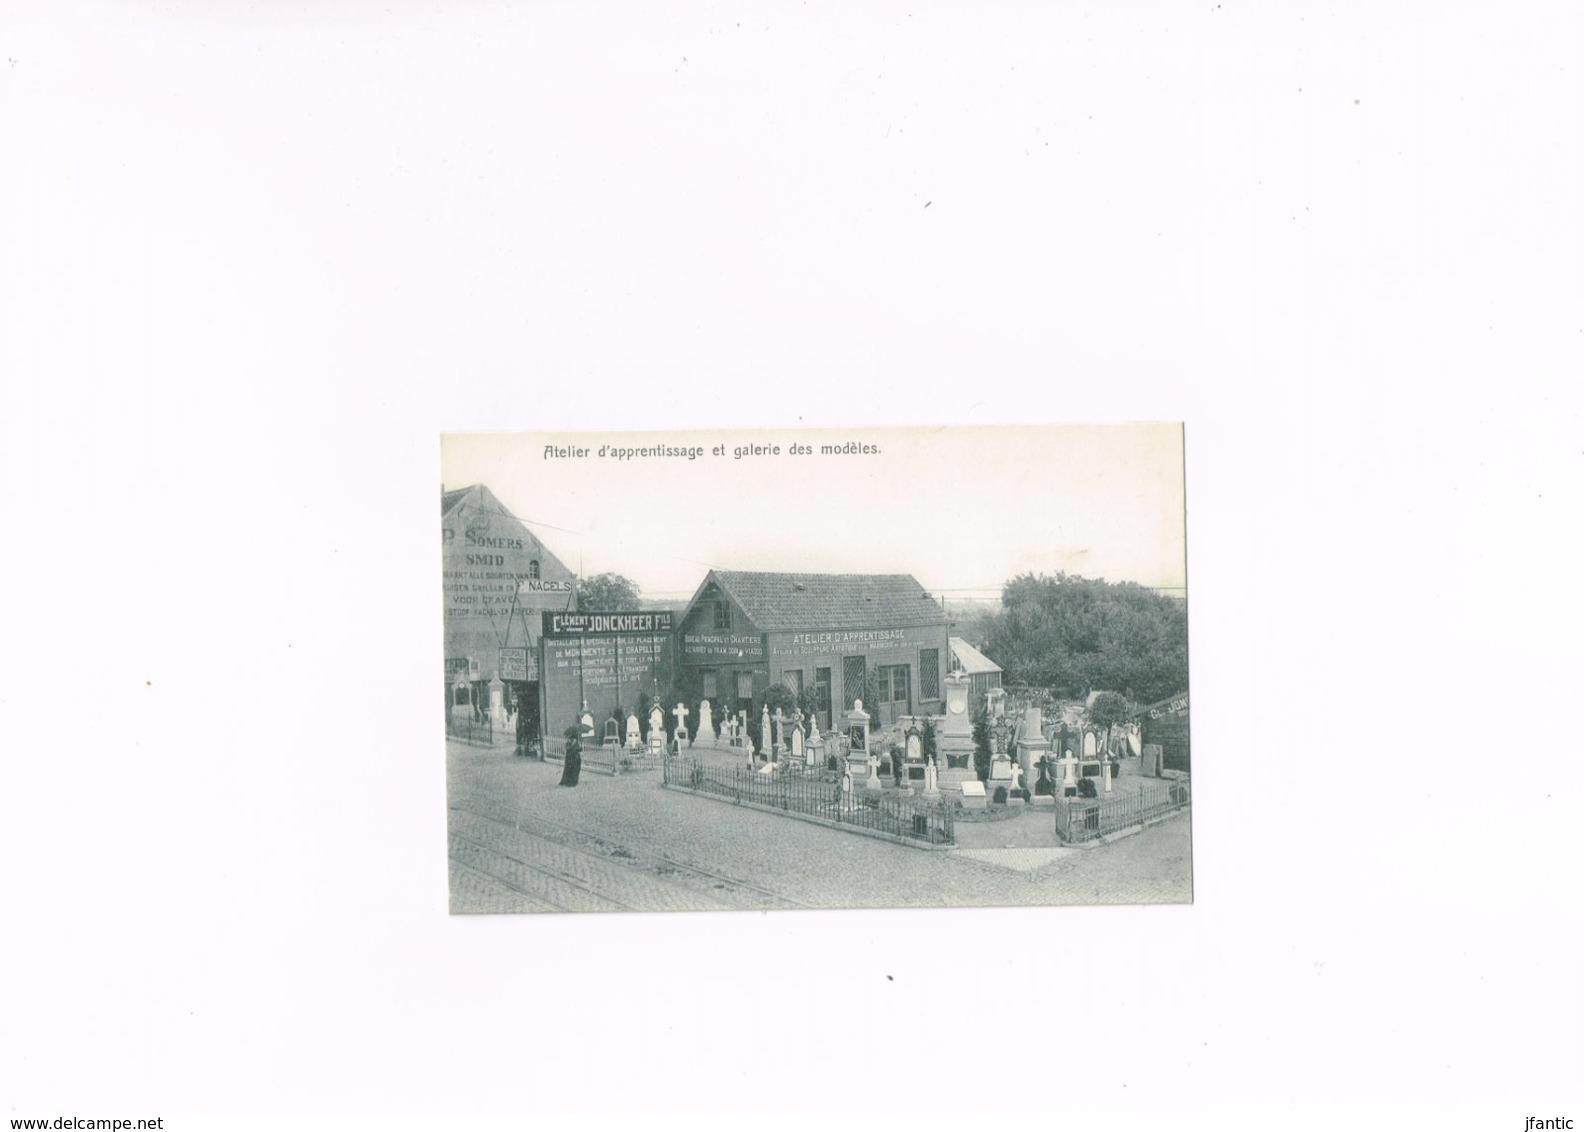 Cément Jonckheer Fils Sculpteur Anvers Atelier D'apprentissage Et Galerie Des Modèles,carte Postale Ancienne 1910-1920. - Antwerpen